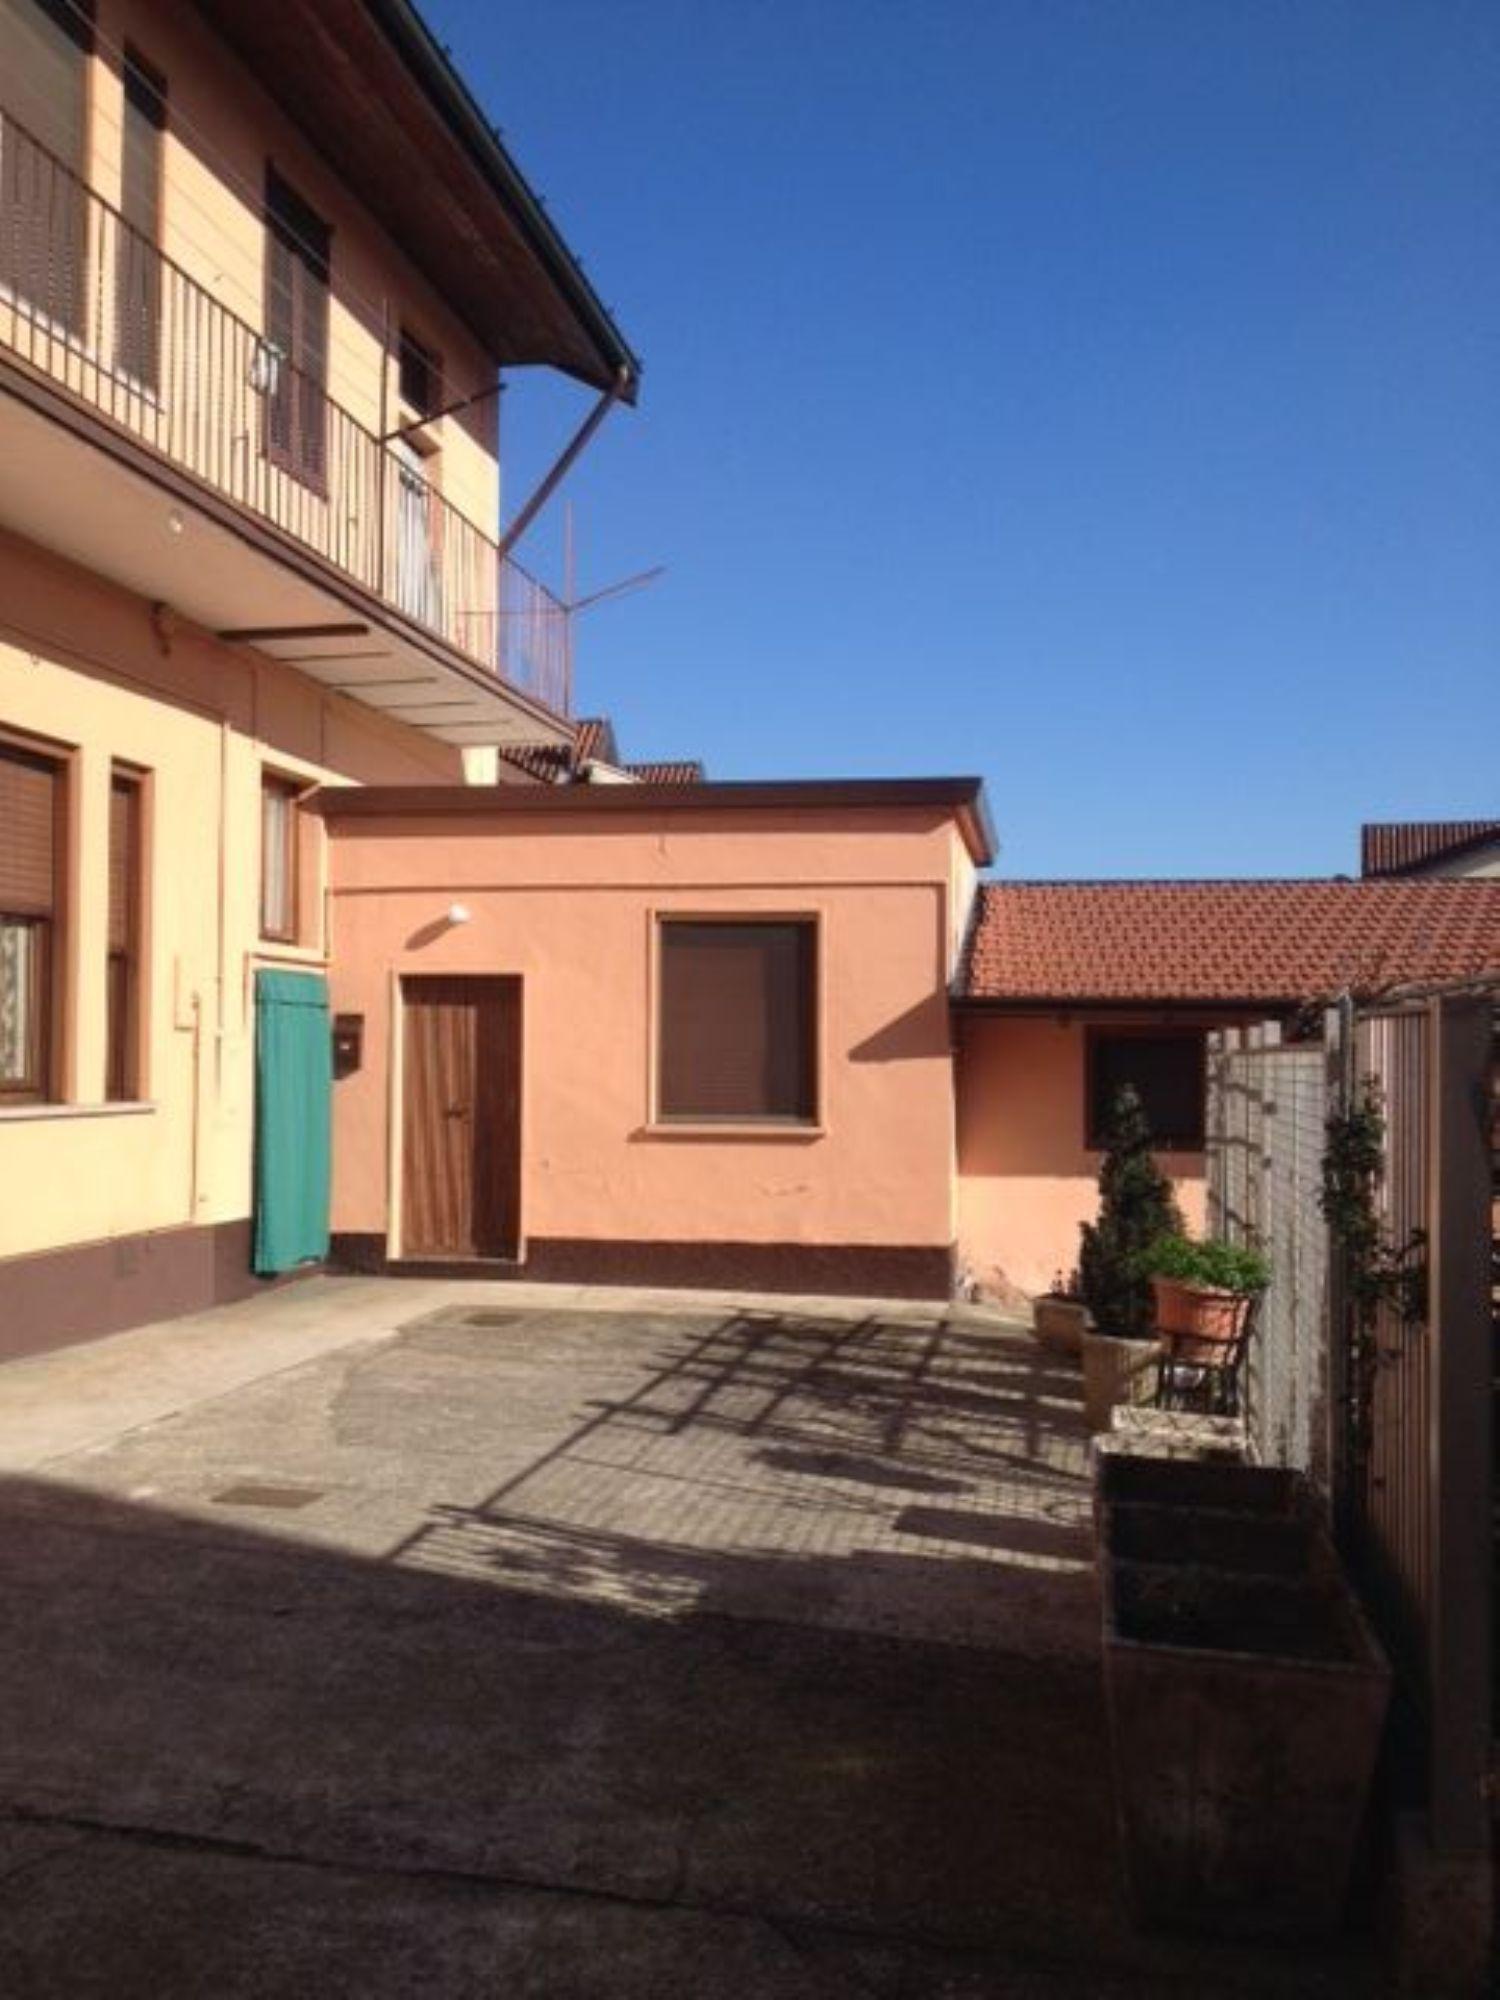 Soluzione Indipendente in vendita a Masate, 3 locali, prezzo € 135.000 | Cambio Casa.it